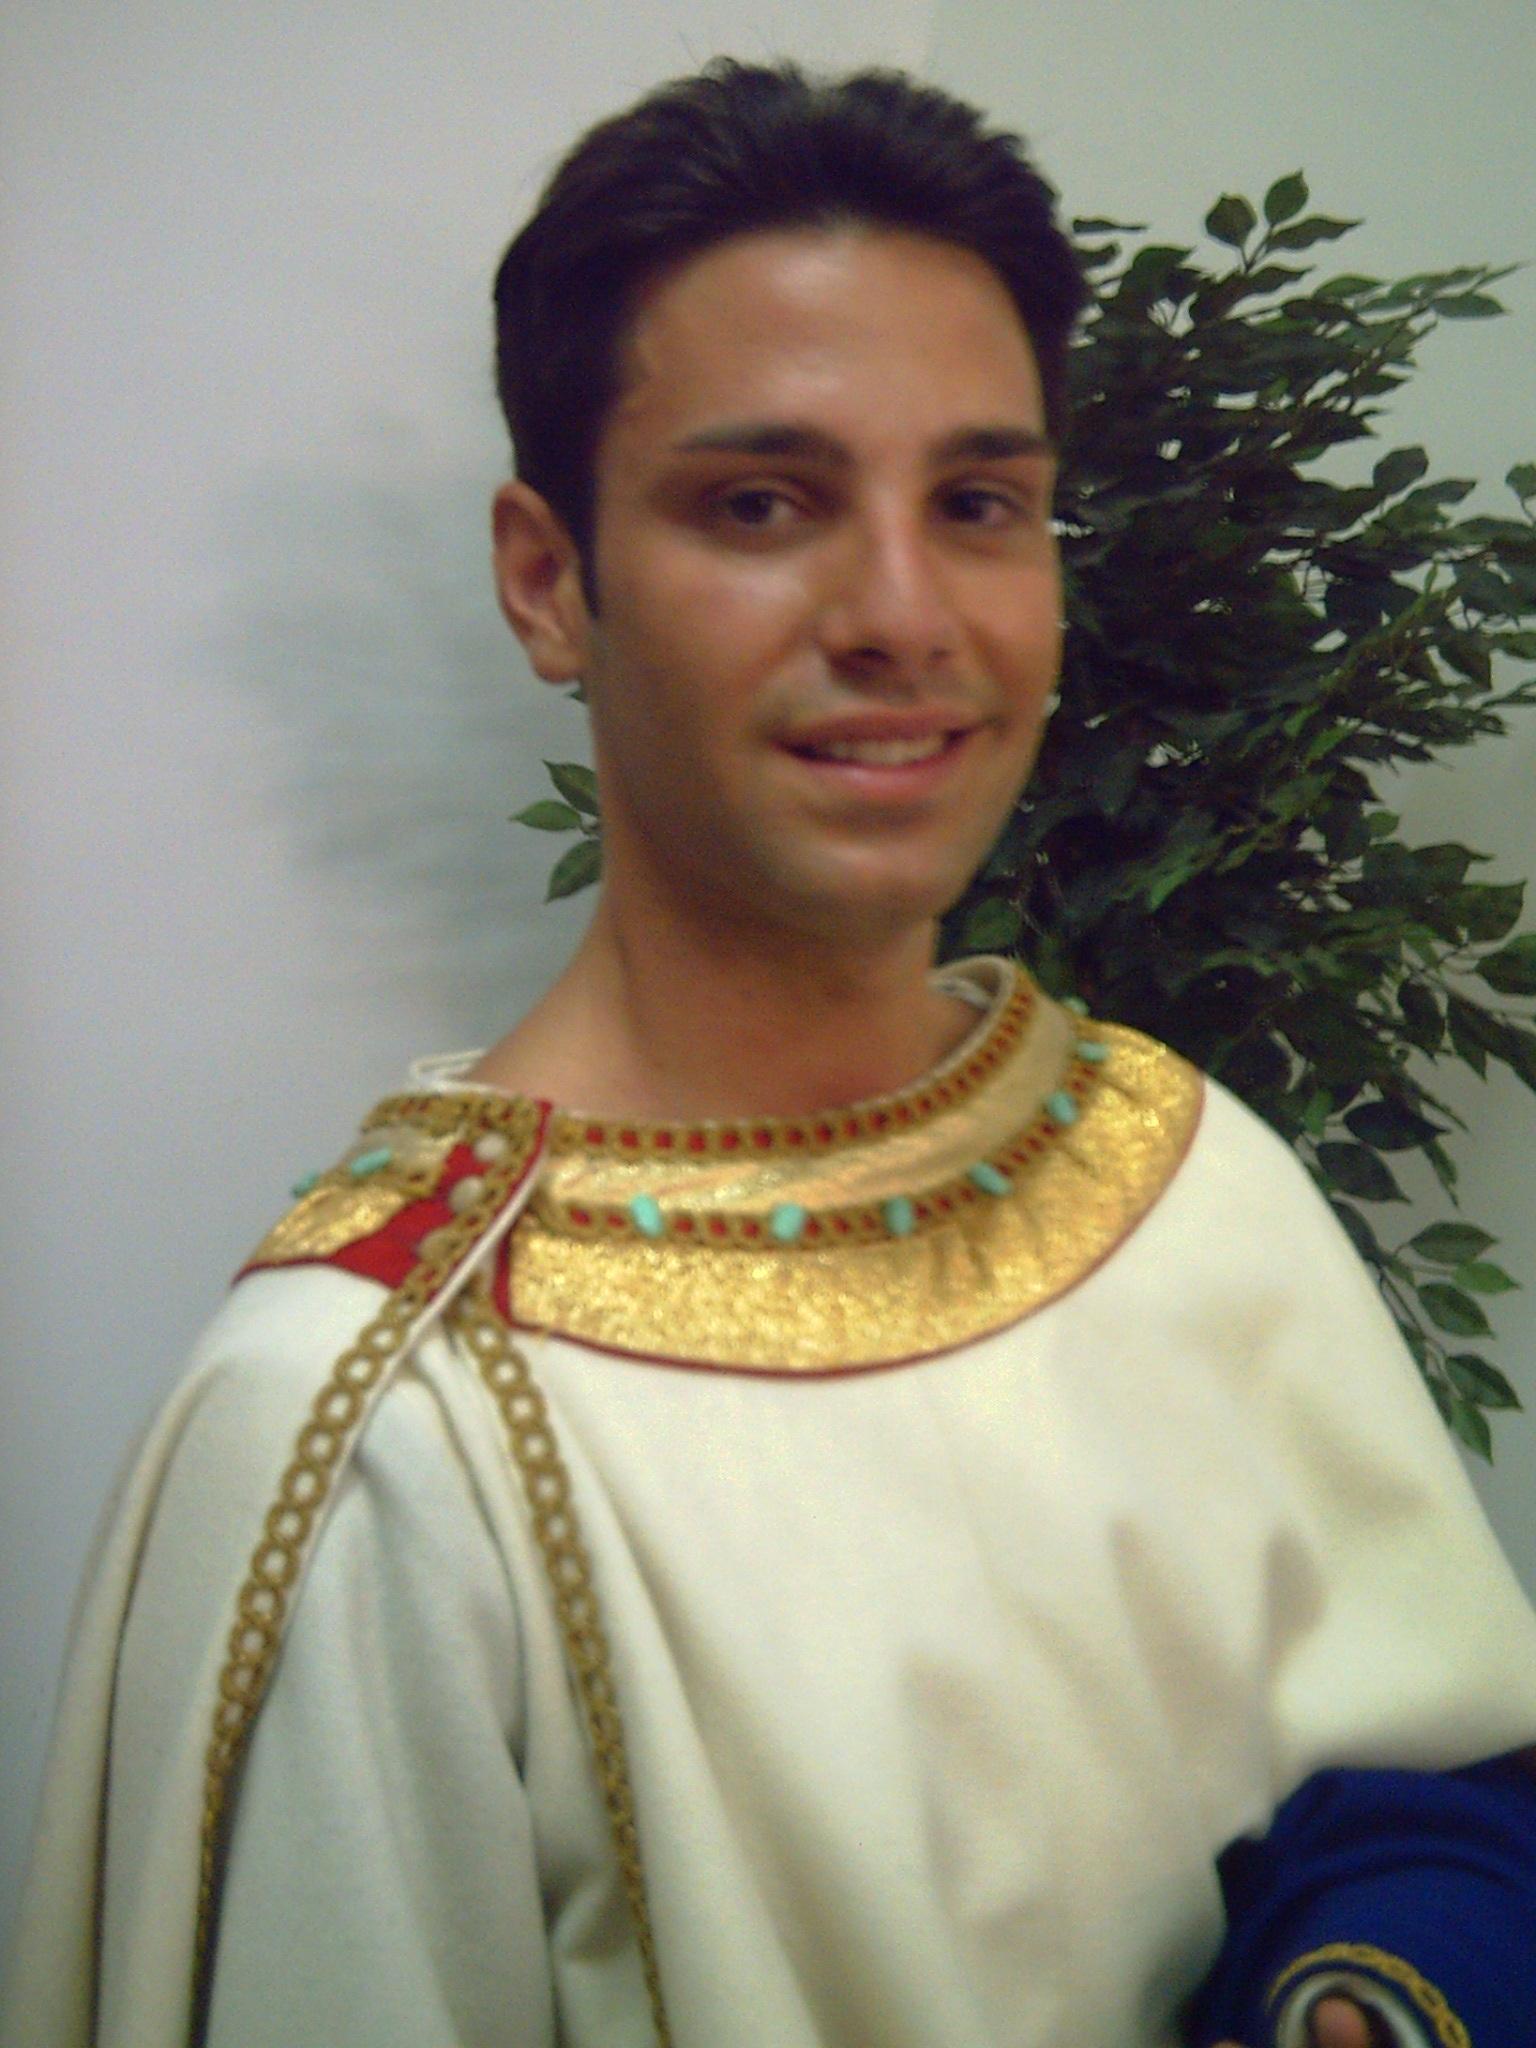 Roberto Zetti, Giovin Signore 2011